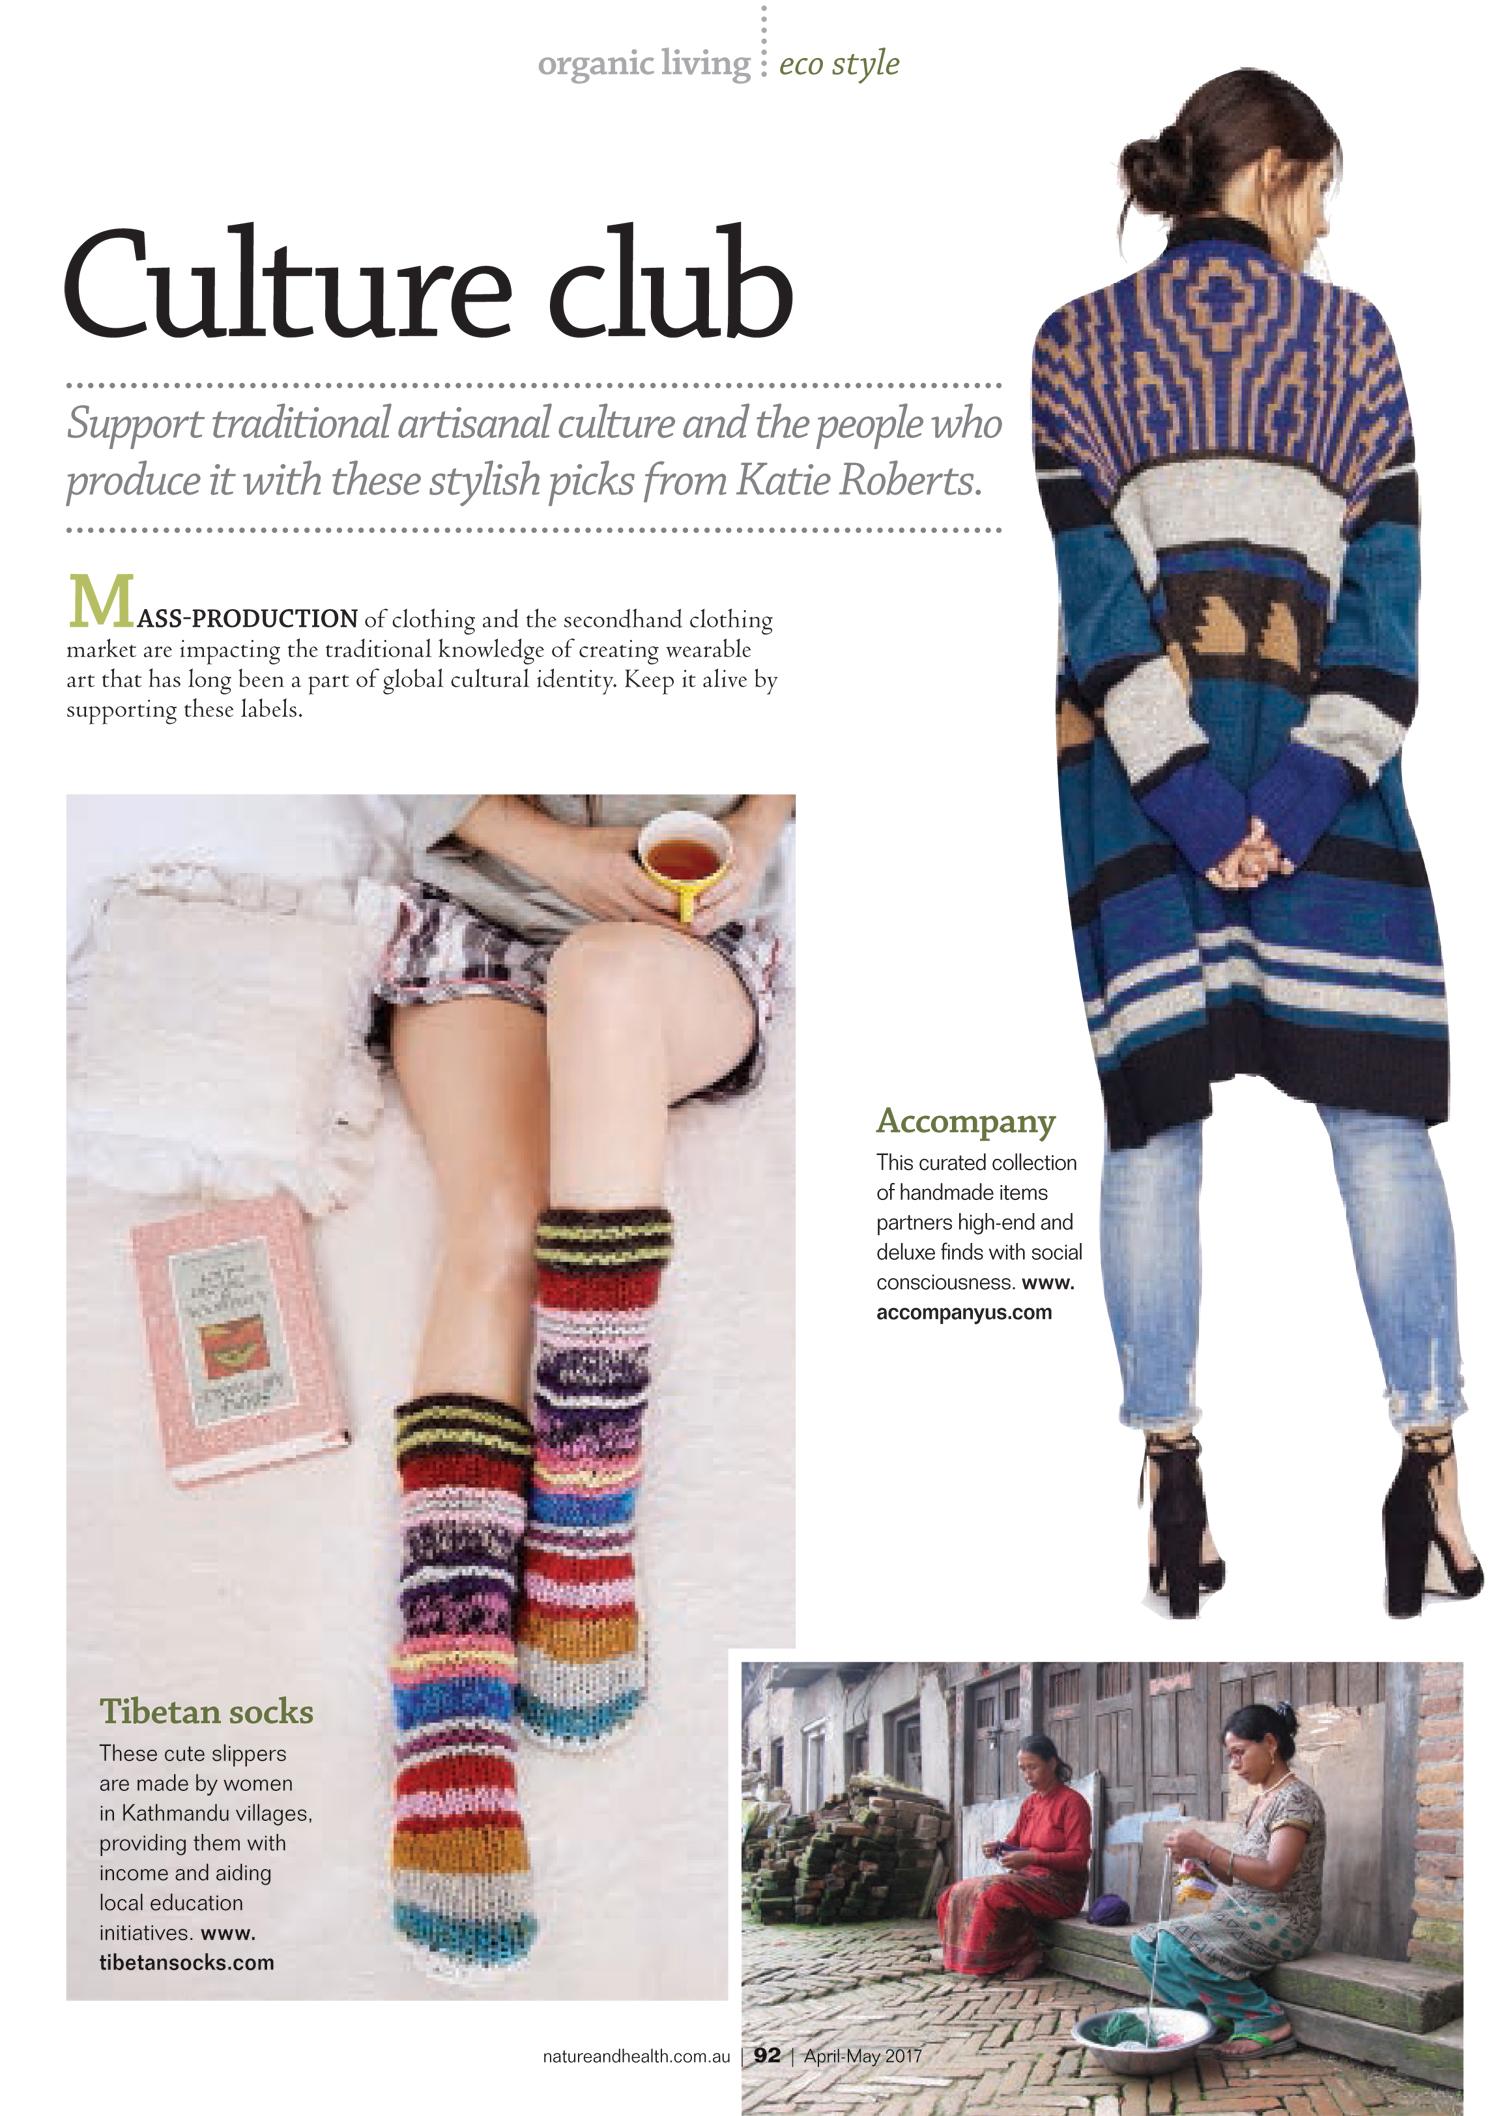 culture_club_1